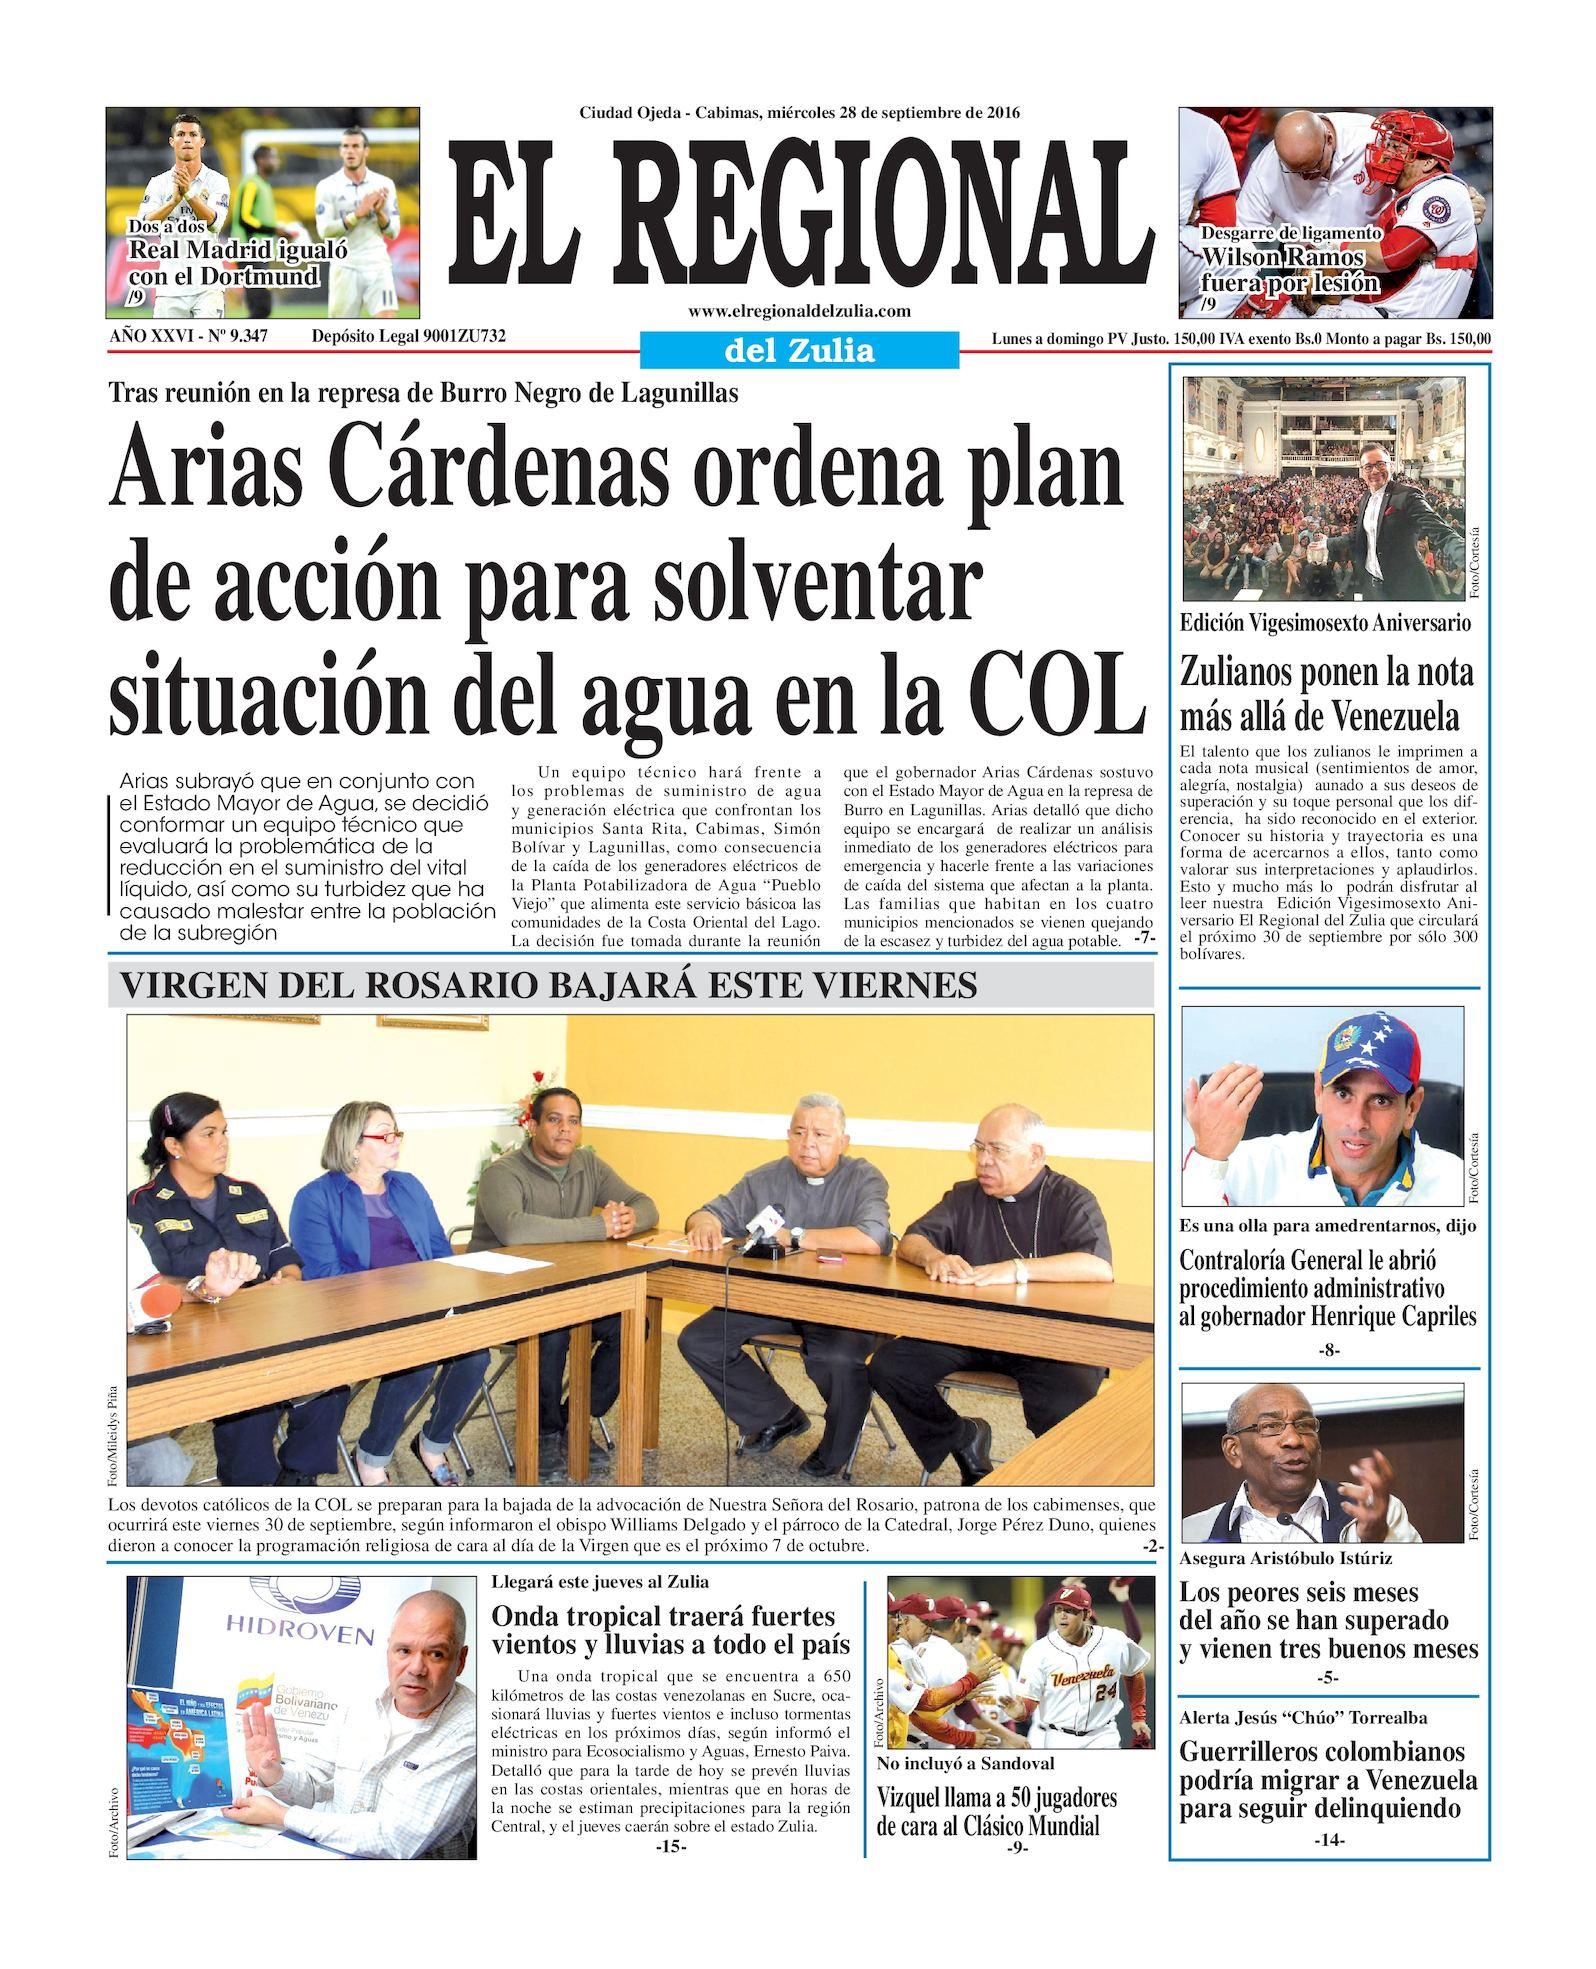 Calaméo - El Regional del Zulia 28-09-2016 d00faf97166